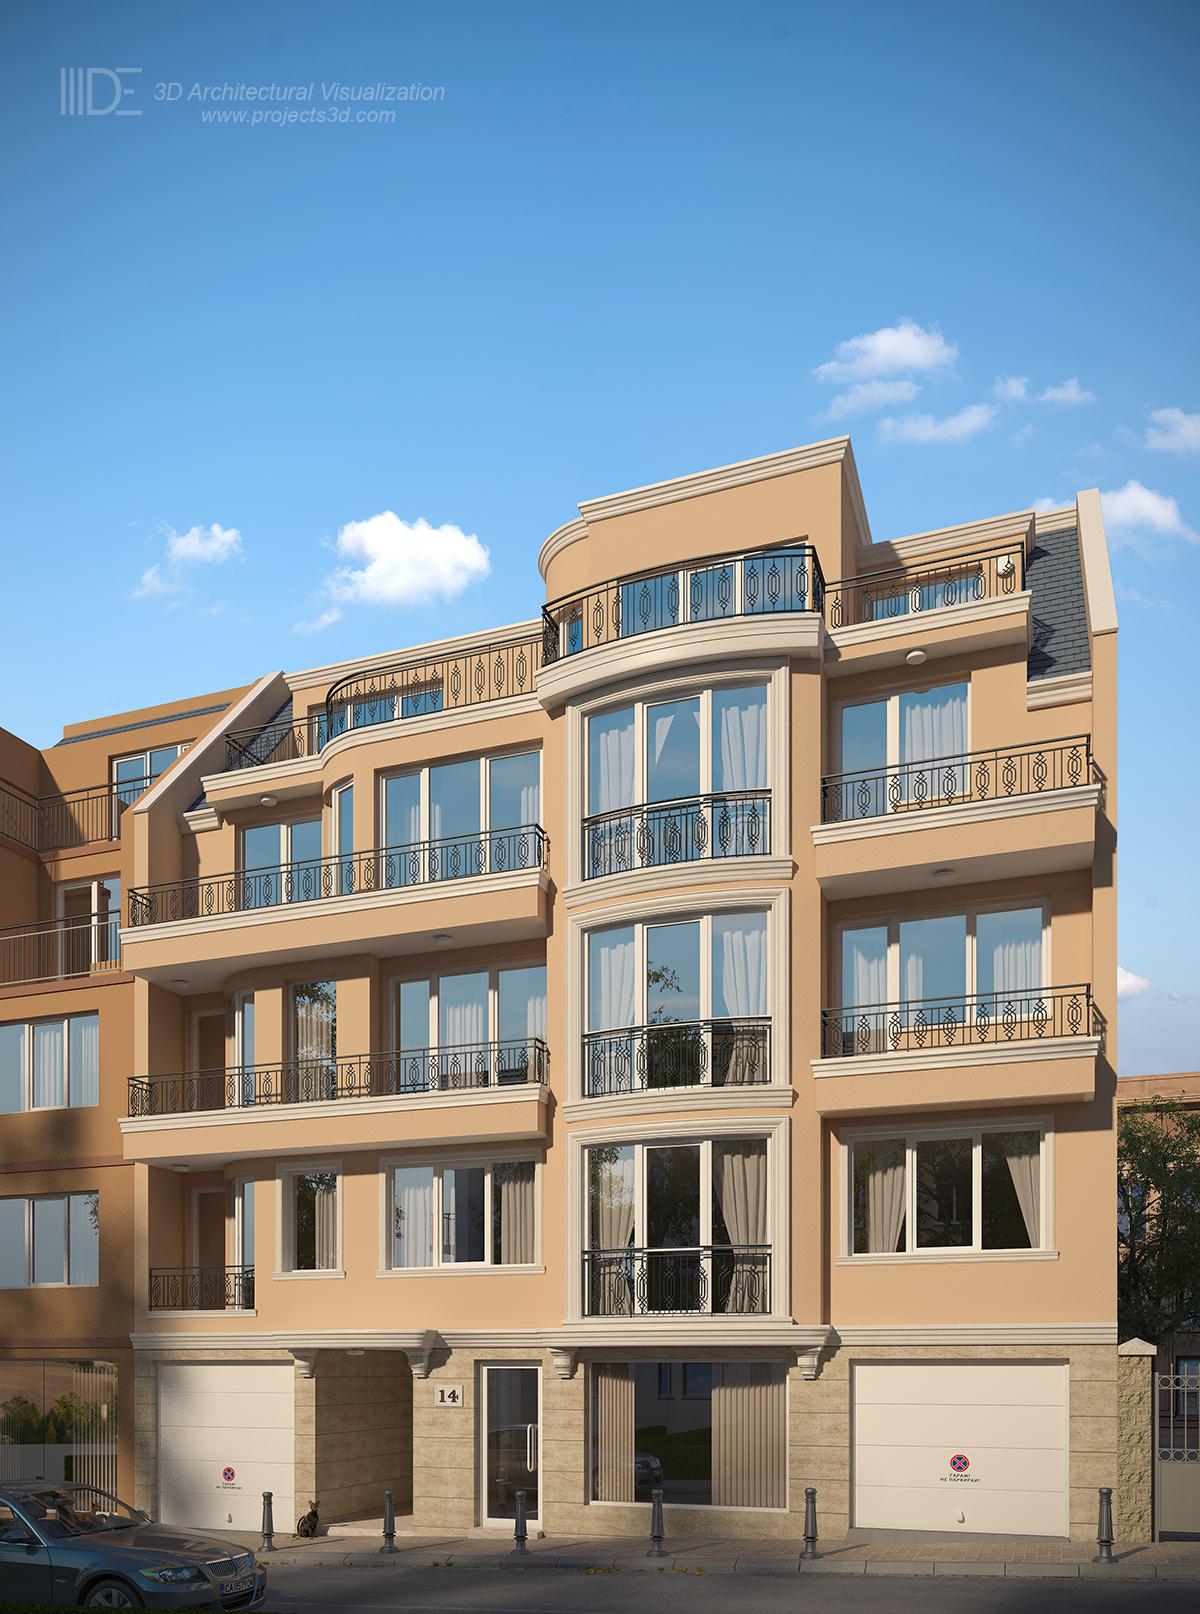 3Д Архитектурна визуализация на класическа сграда в гр.Варна